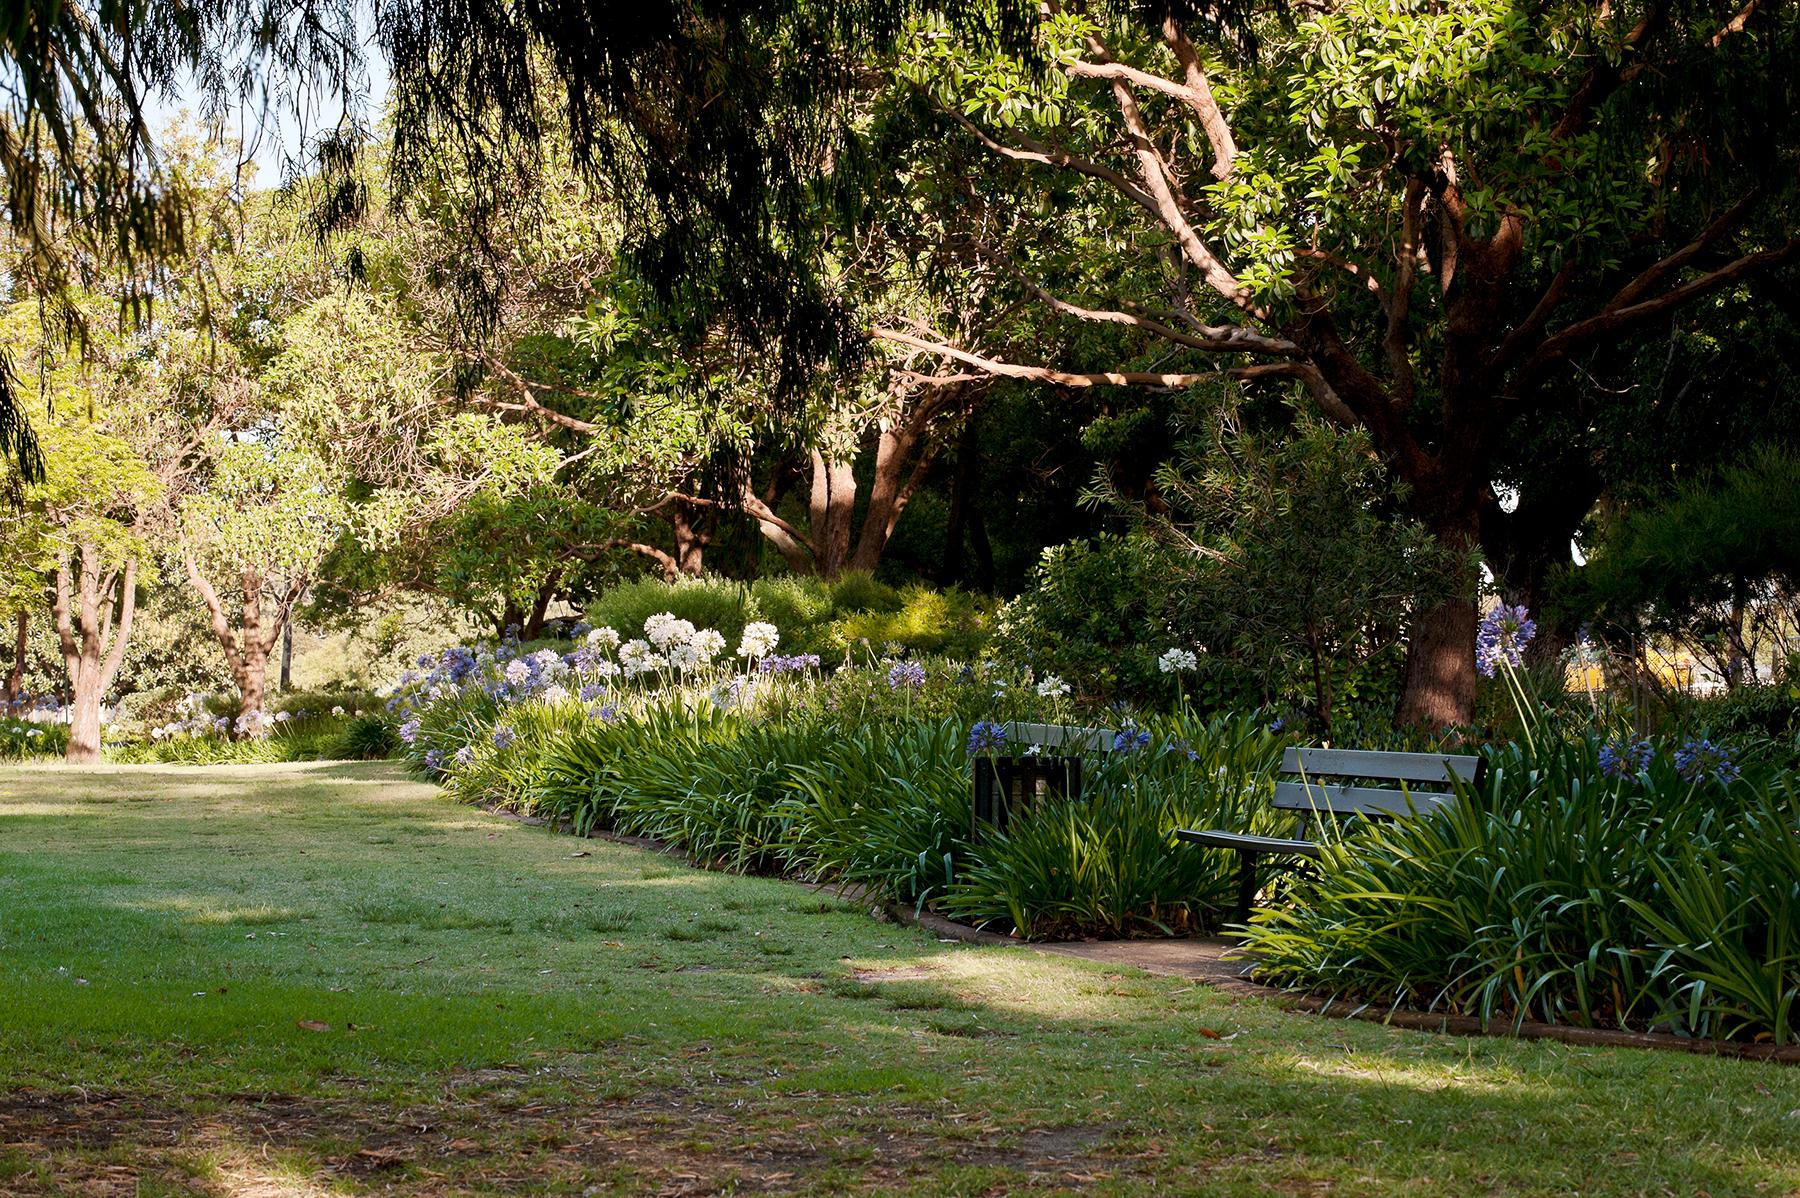 Totterdell Park